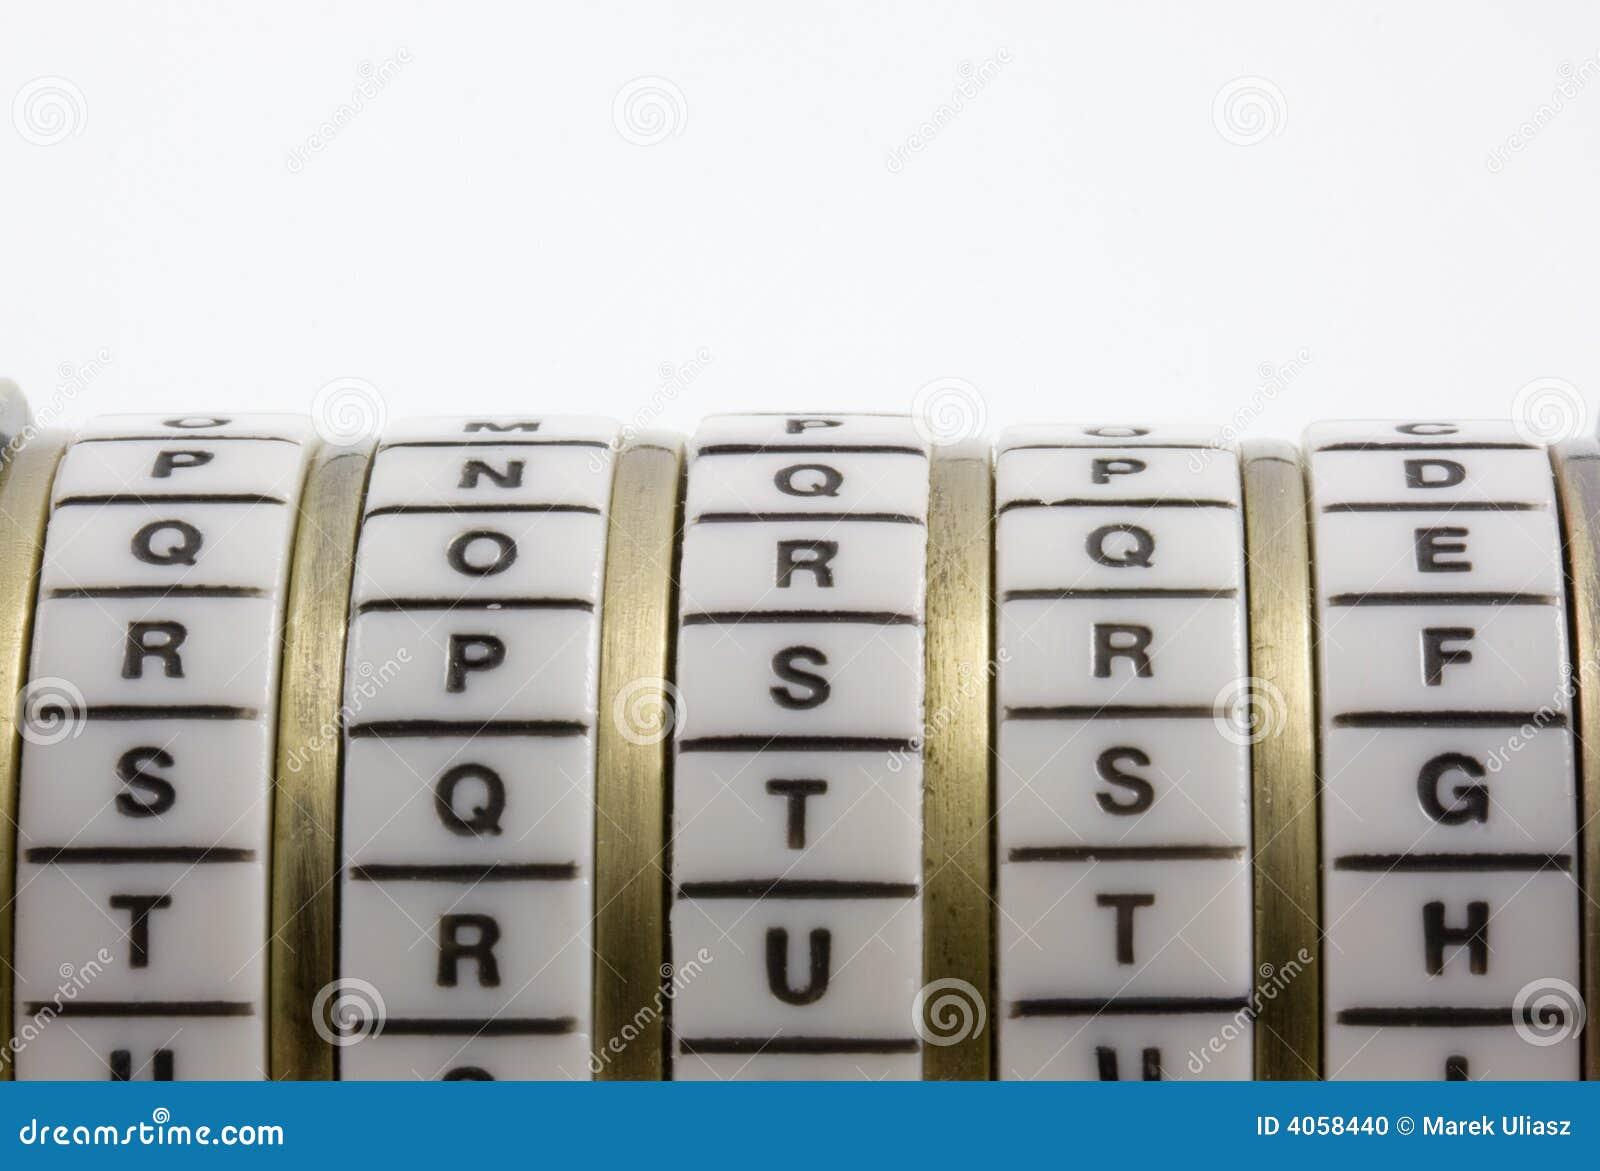 Palabra de paso, palabra clave o combinación - verdad. Cryptex